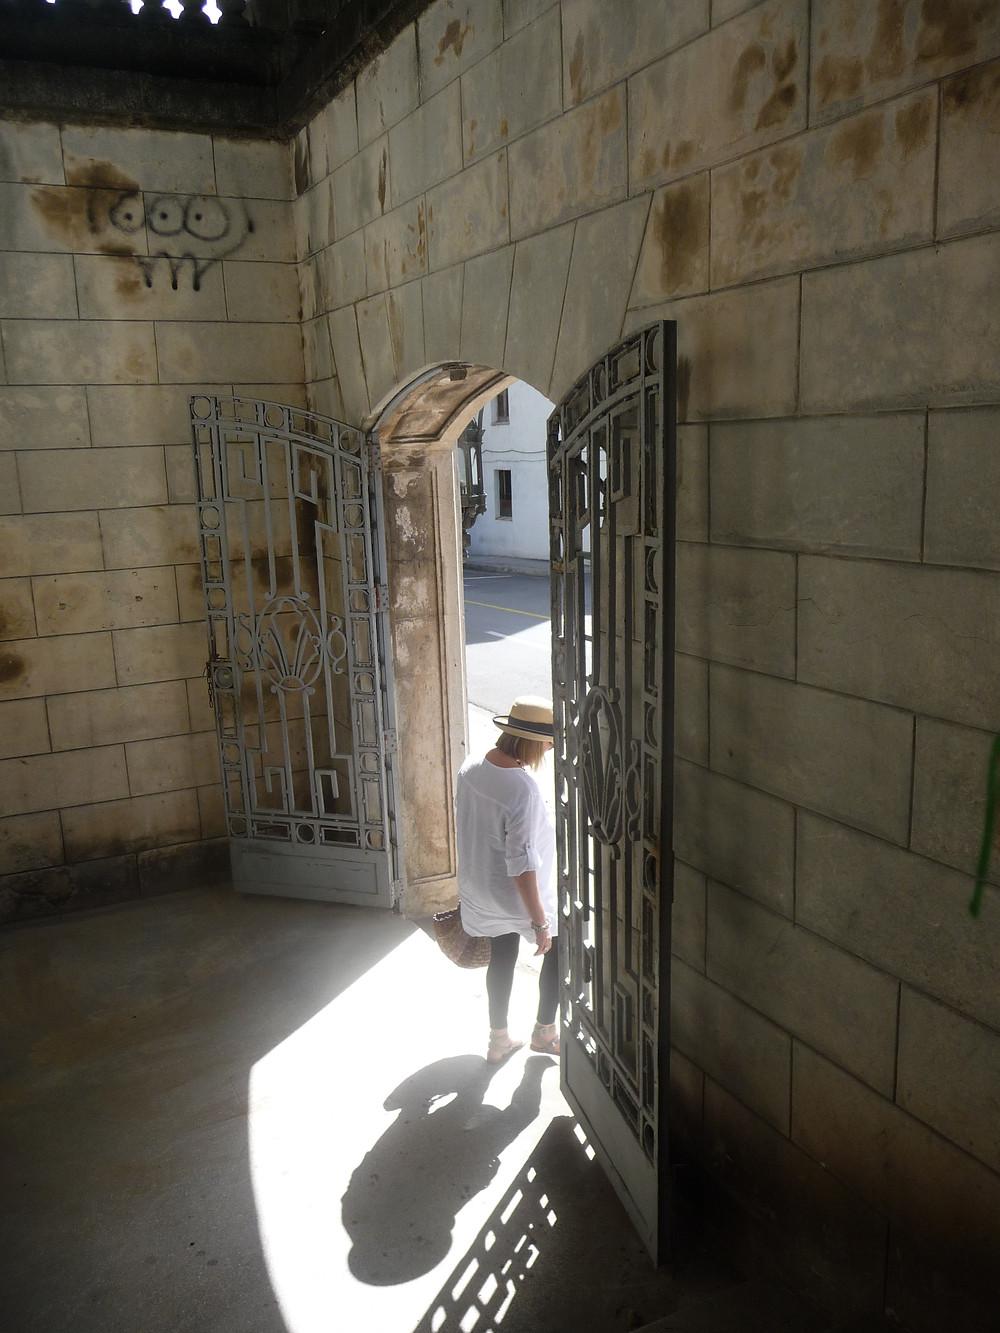 Leaving Univ. of Havana